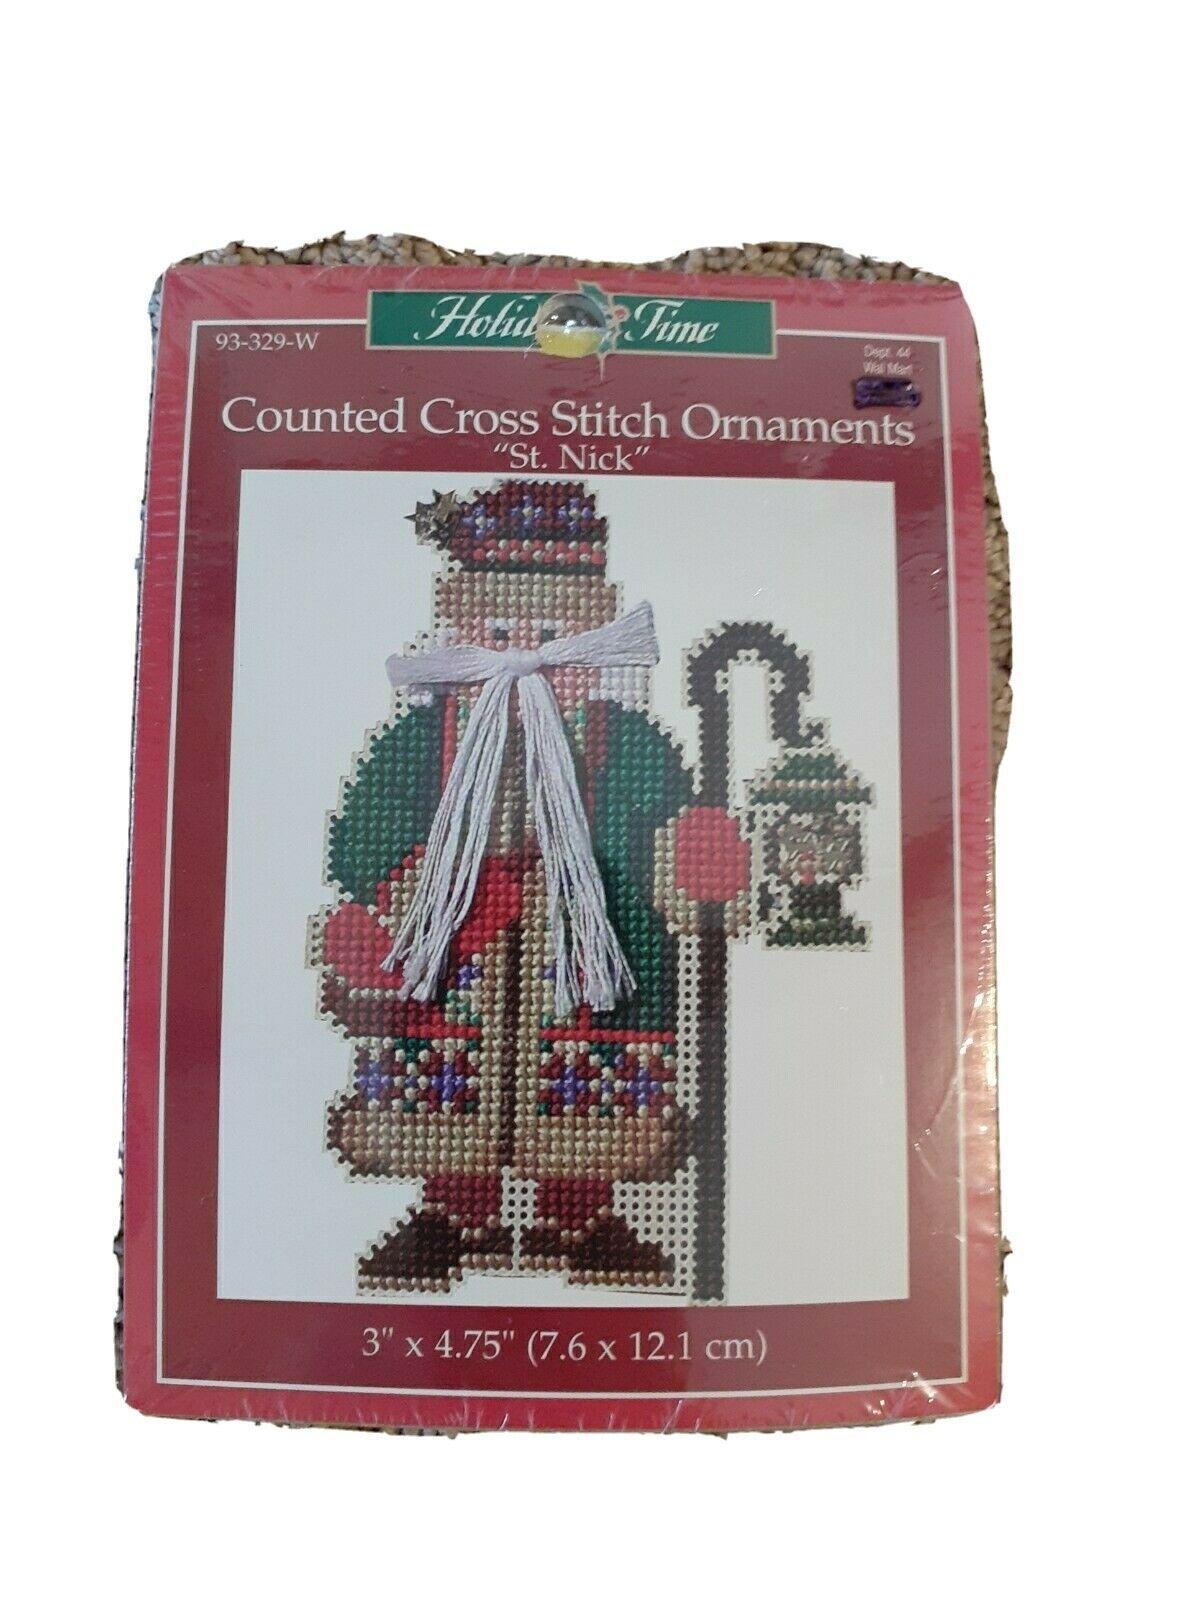 St Nick Christmas Tree Ornament Cross Stitch Kit 93-329 JanLynn 1999 Santa - $14.54